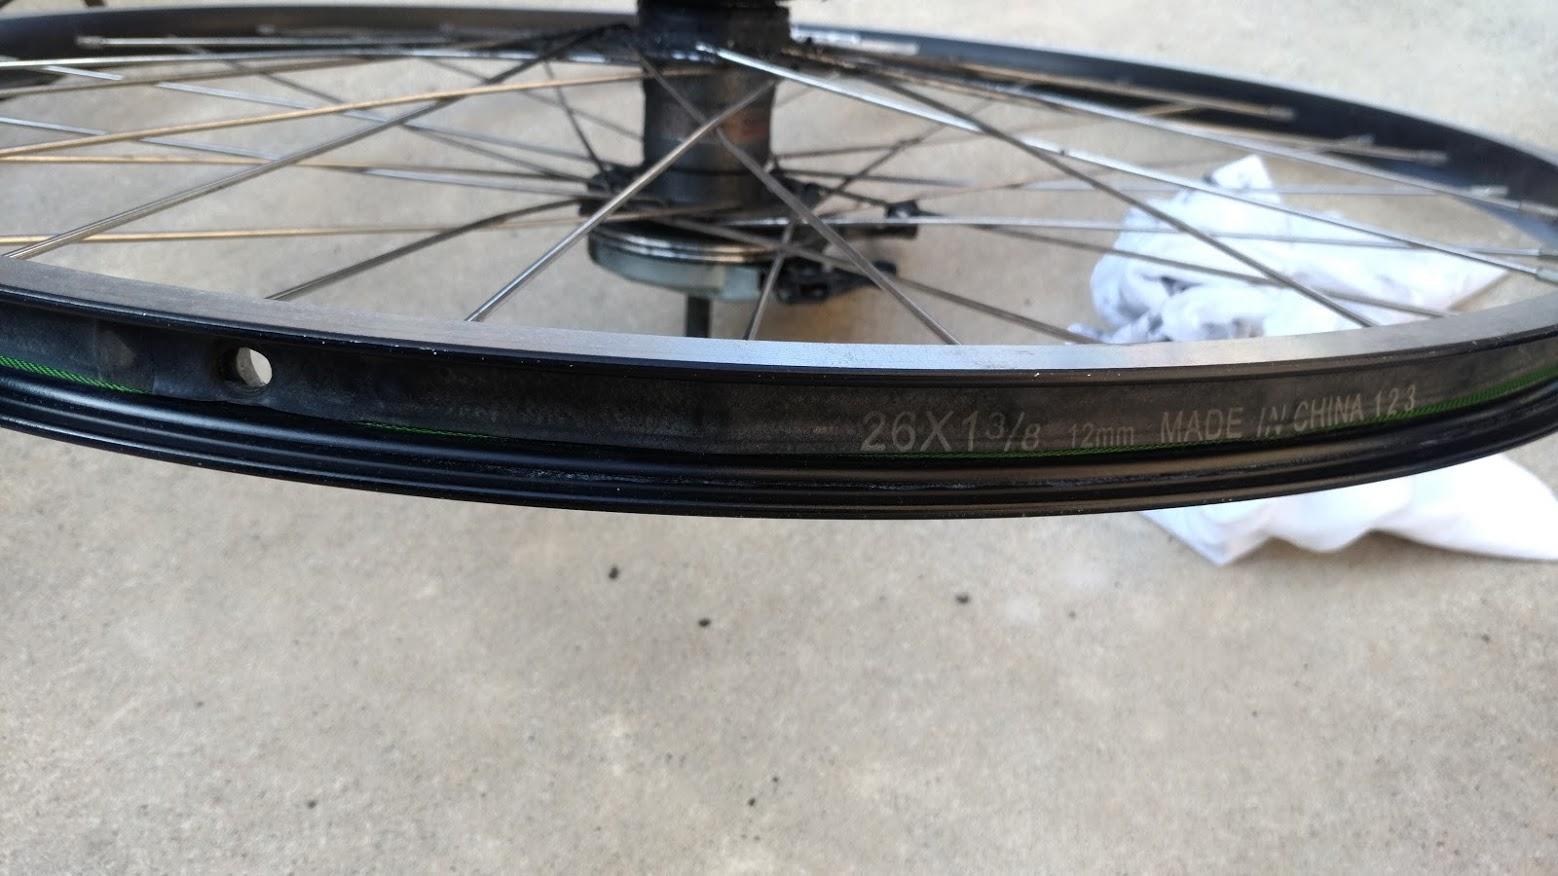 ブリヂストン hydee2 子供電動自転車 パンク タイヤ交換 -8-